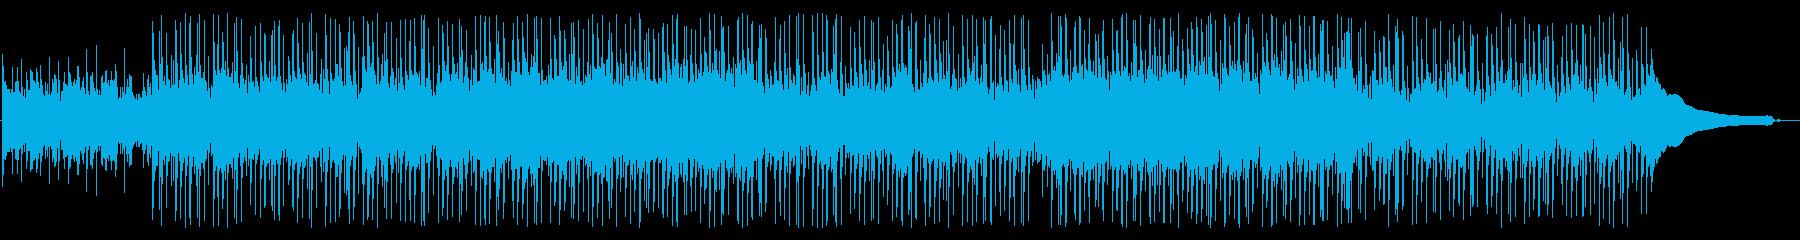 のどかでキラキラしたアコギの再生済みの波形